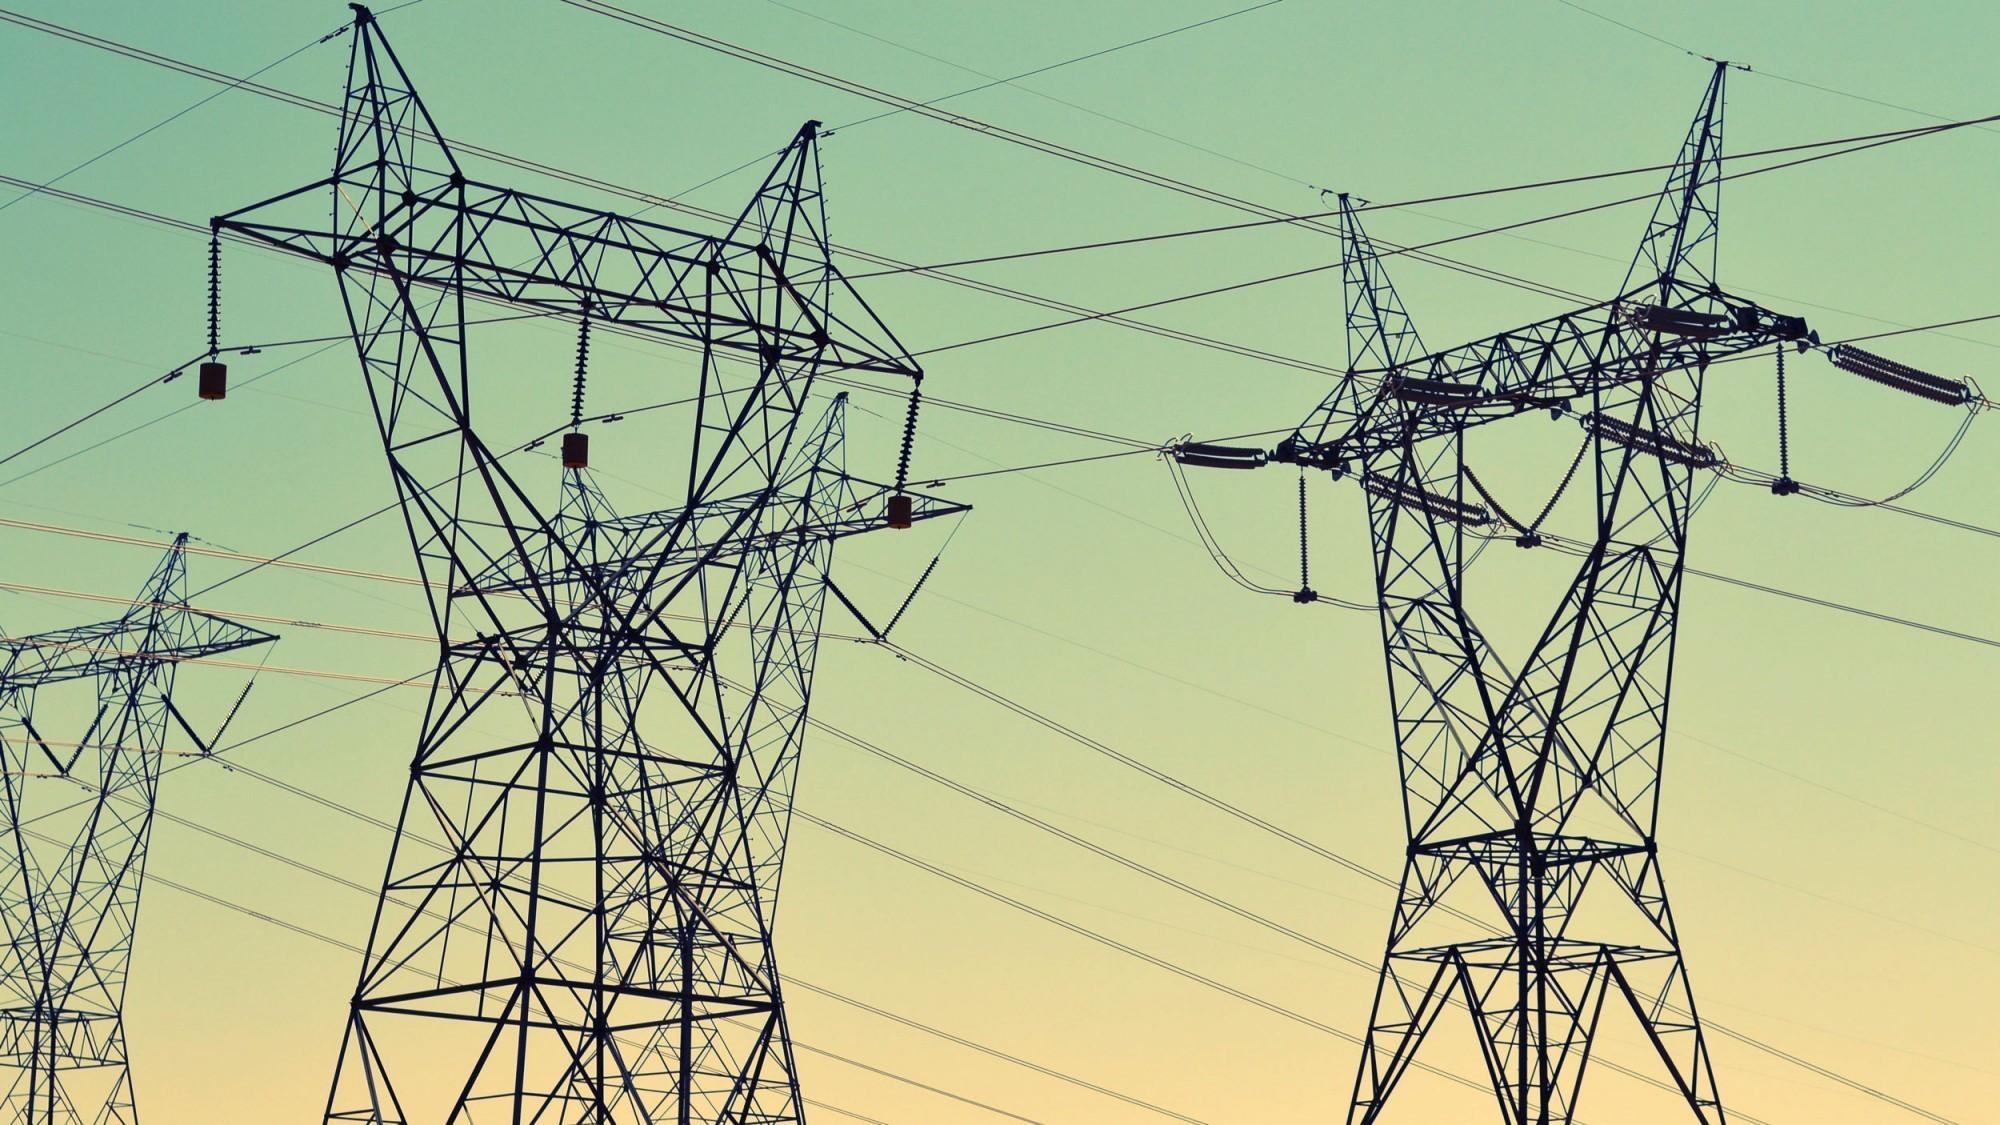 Le polyéthylène, un isolant spécial pour cables permet d'économiser l'électricité.